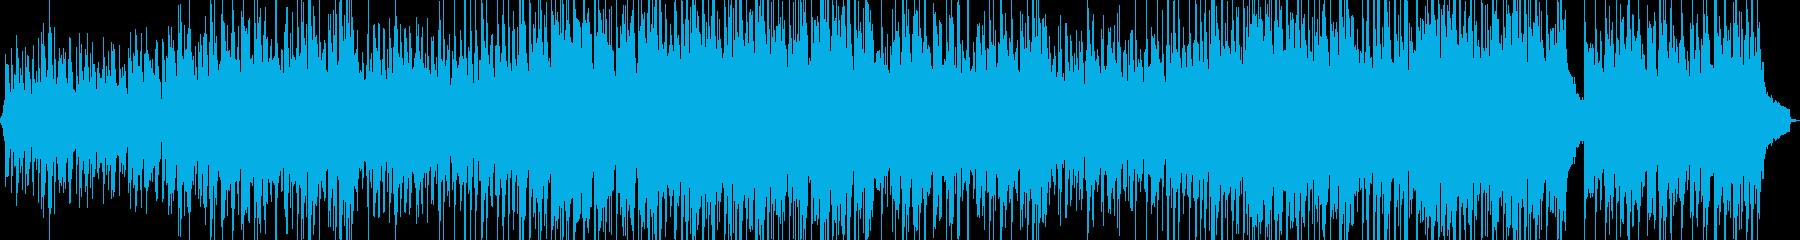 ポップ ロック レゲエ スカし カ...の再生済みの波形